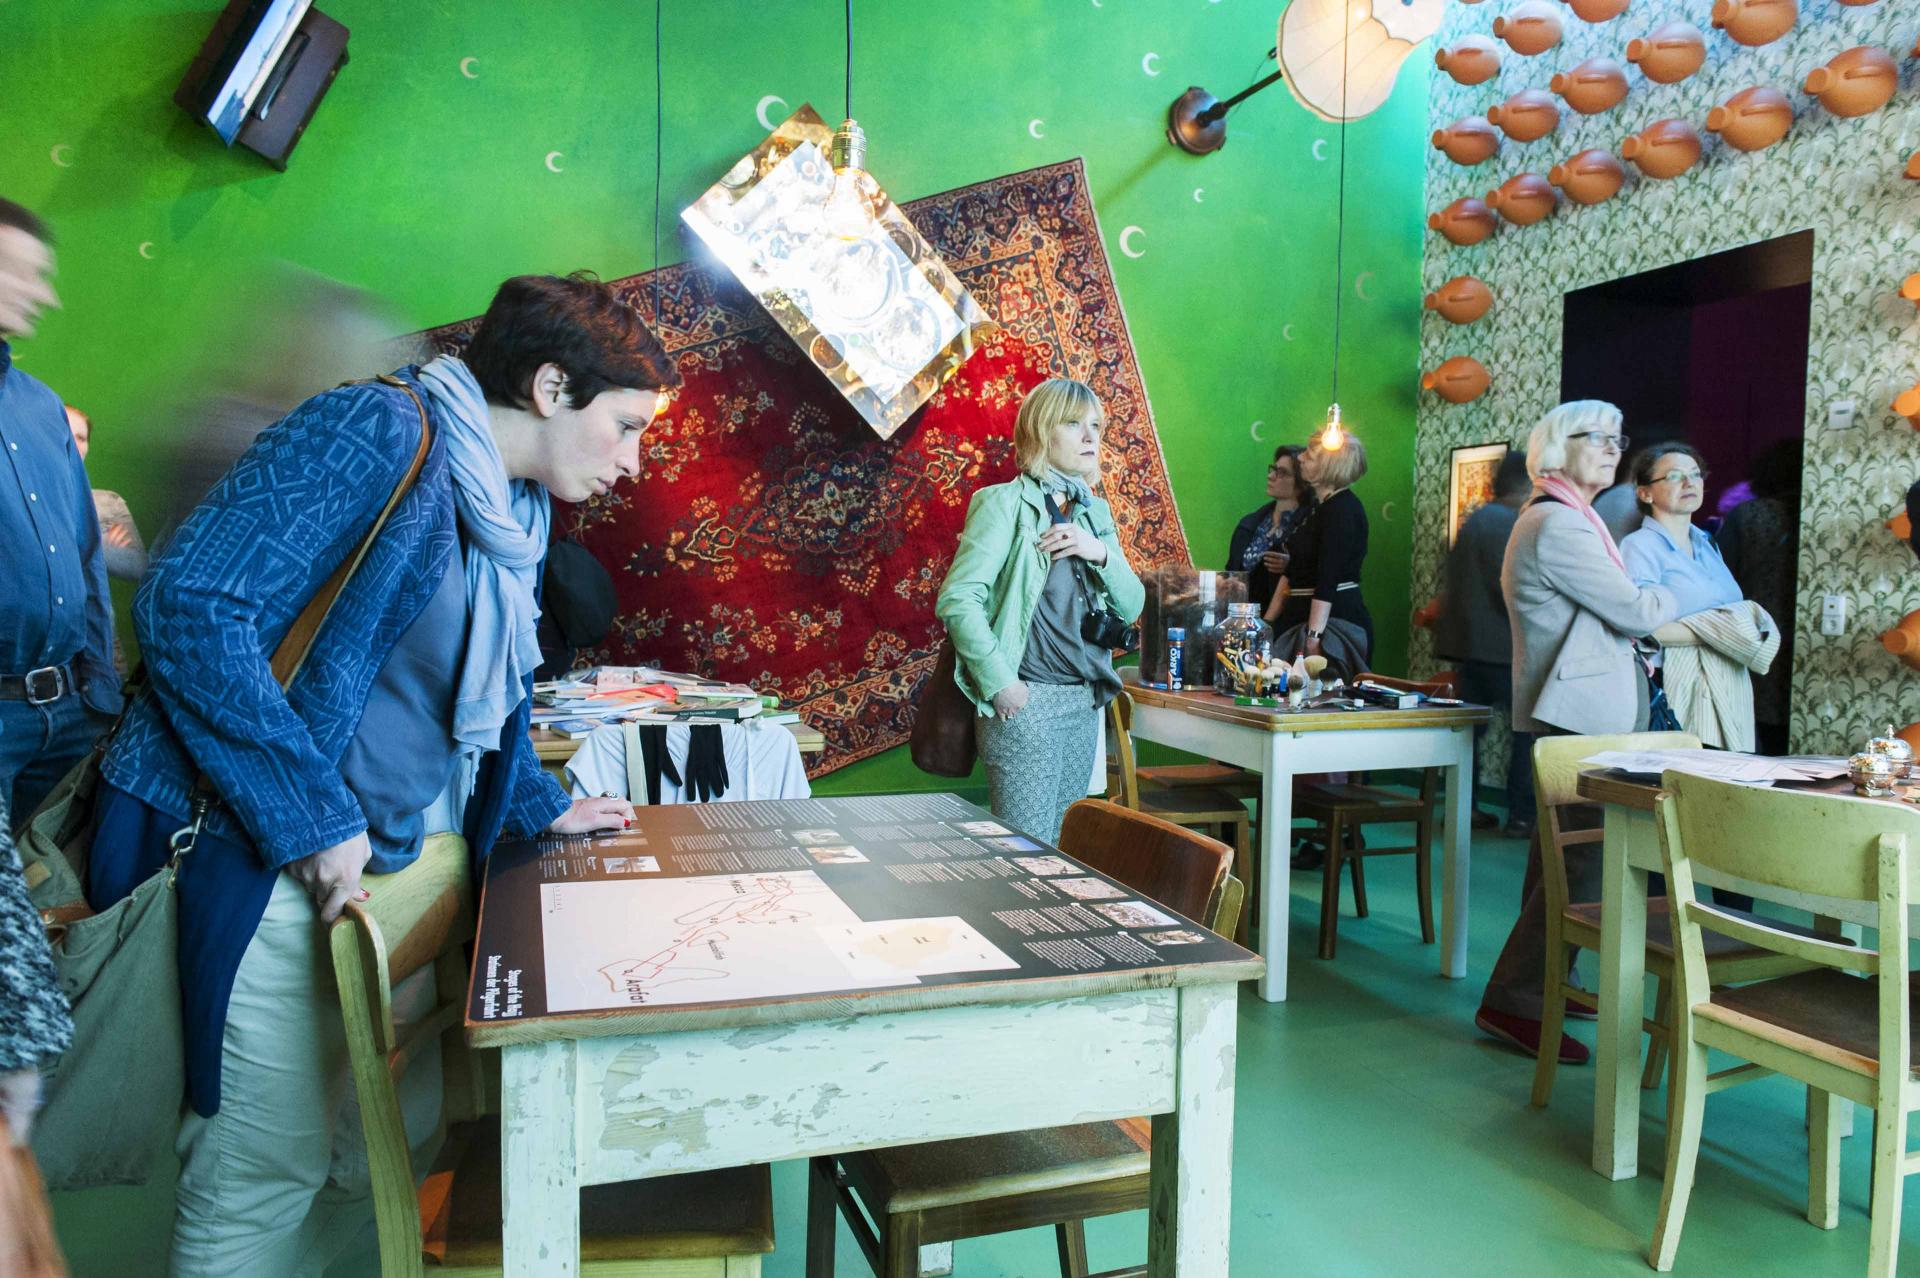 Mehrere Personen beim Betrachten von Objekte in einem vollen, grünen Ausstellungsraum